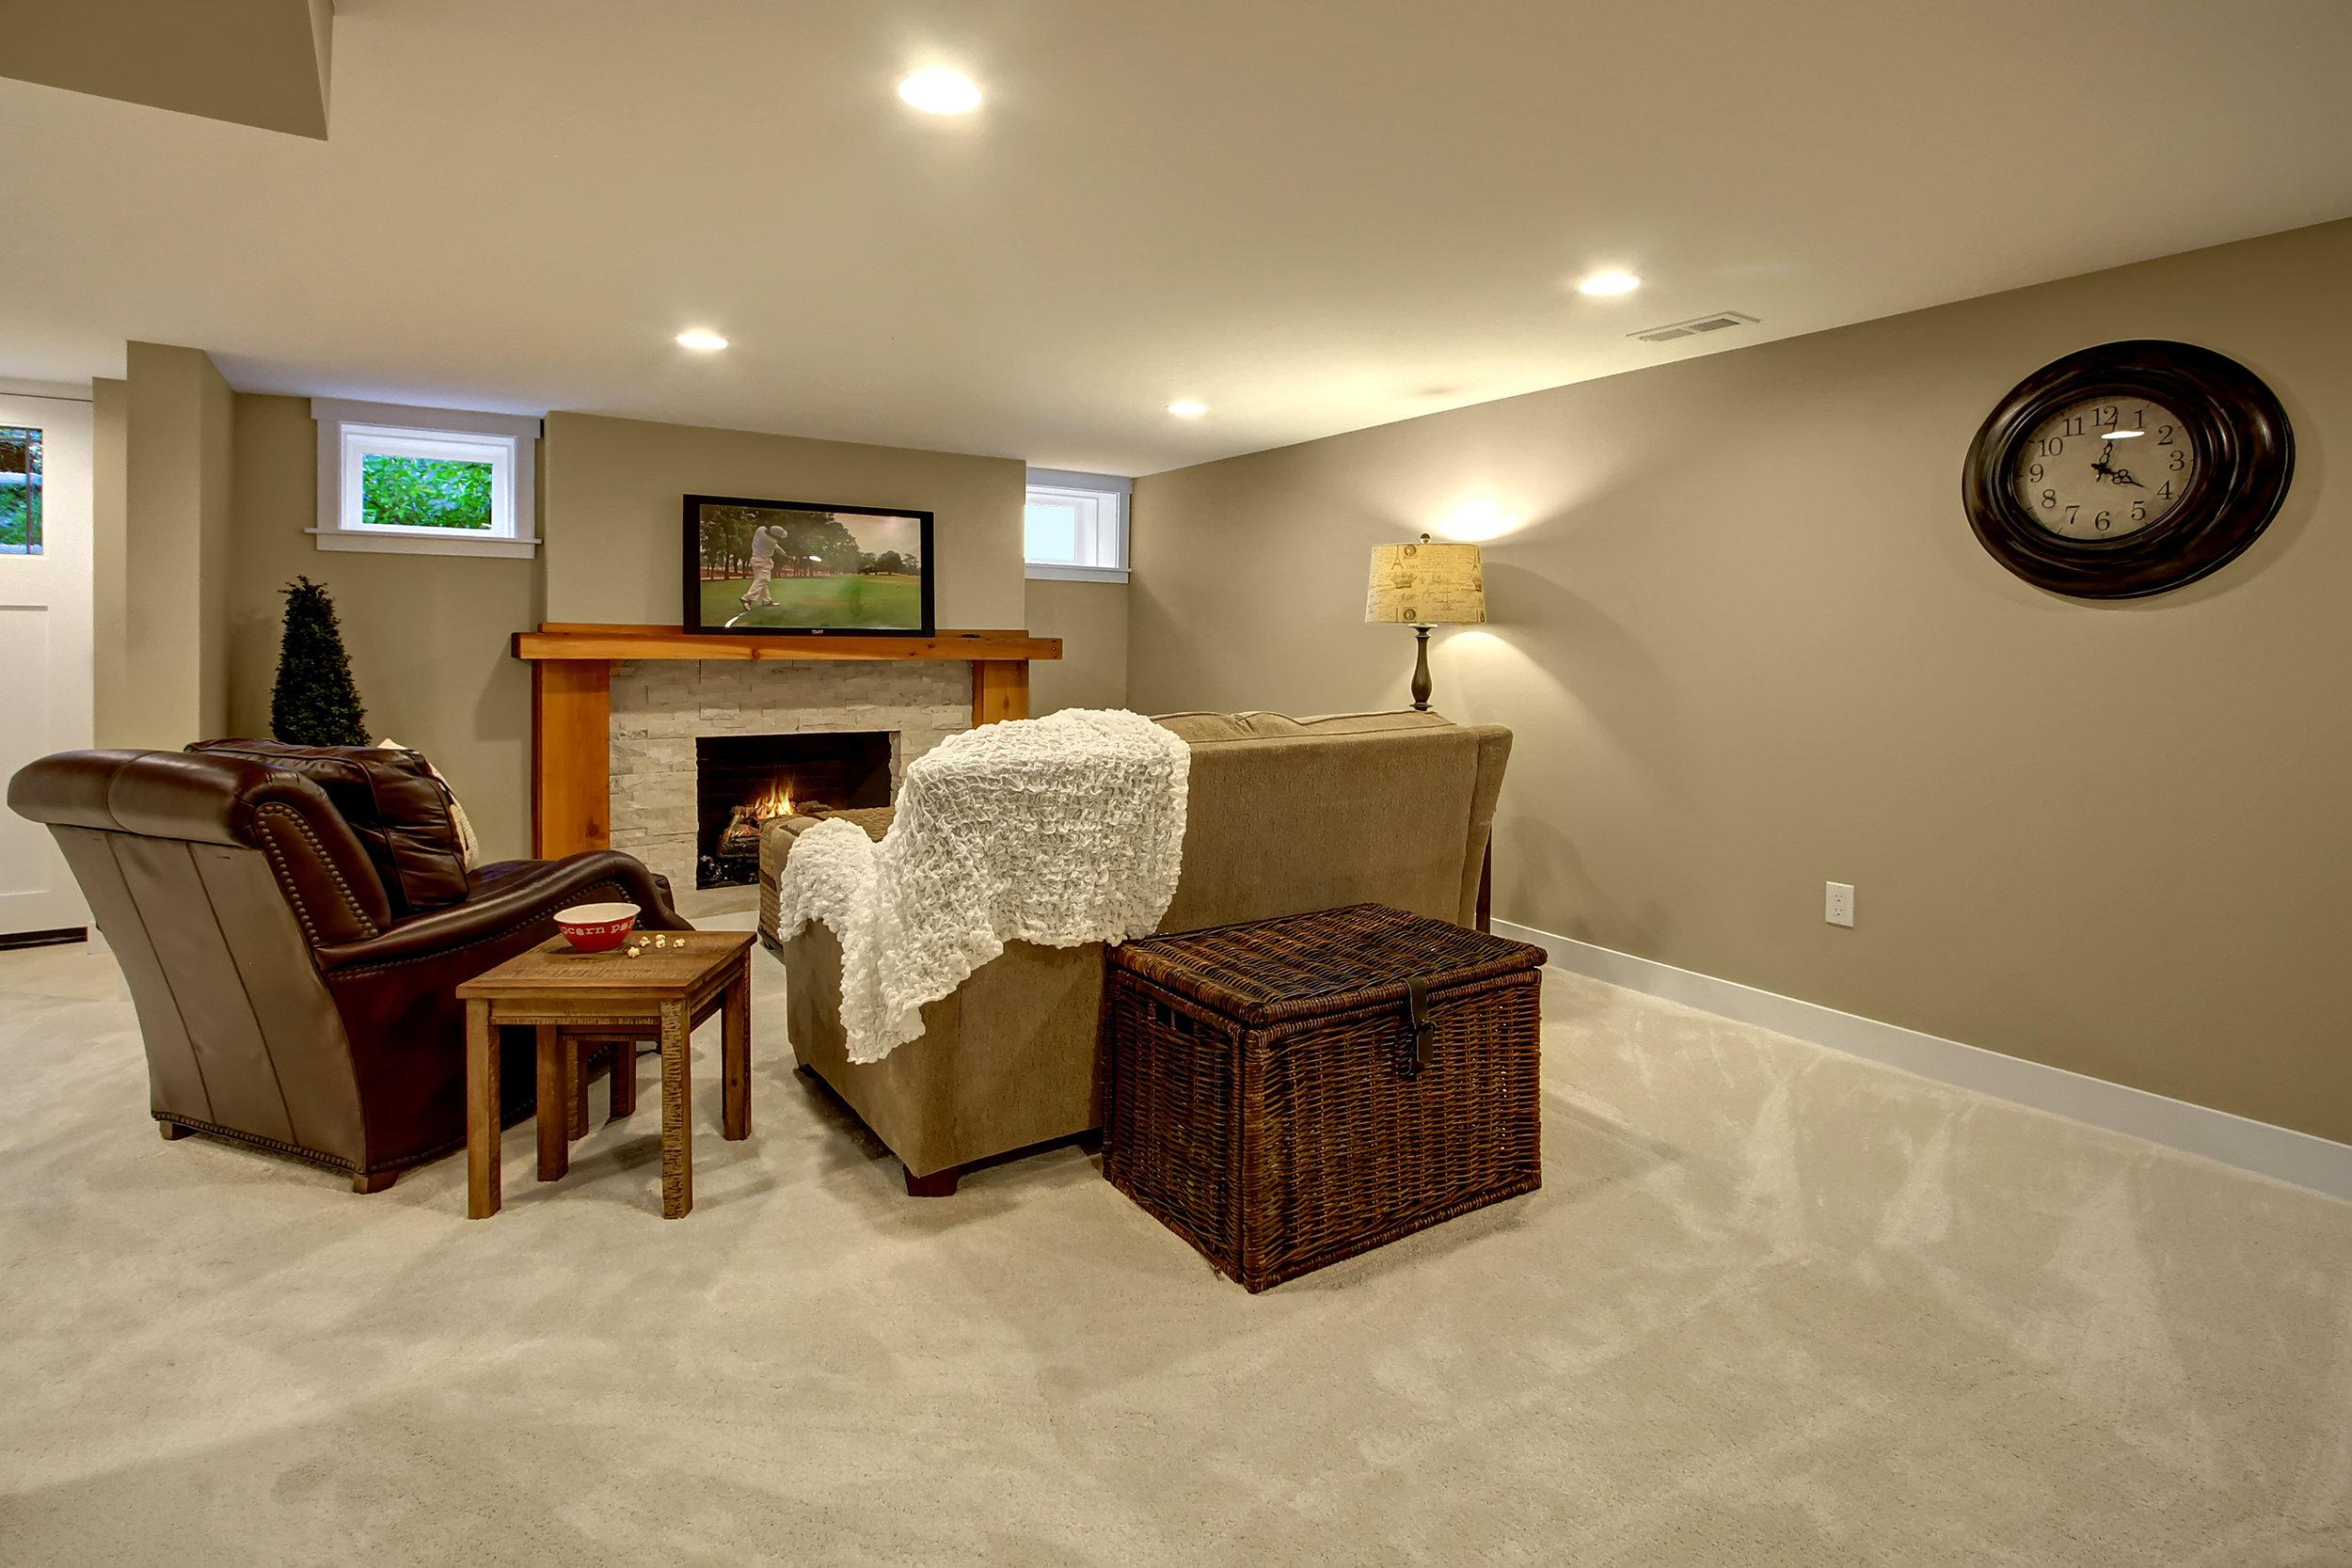 22 family room.jpg